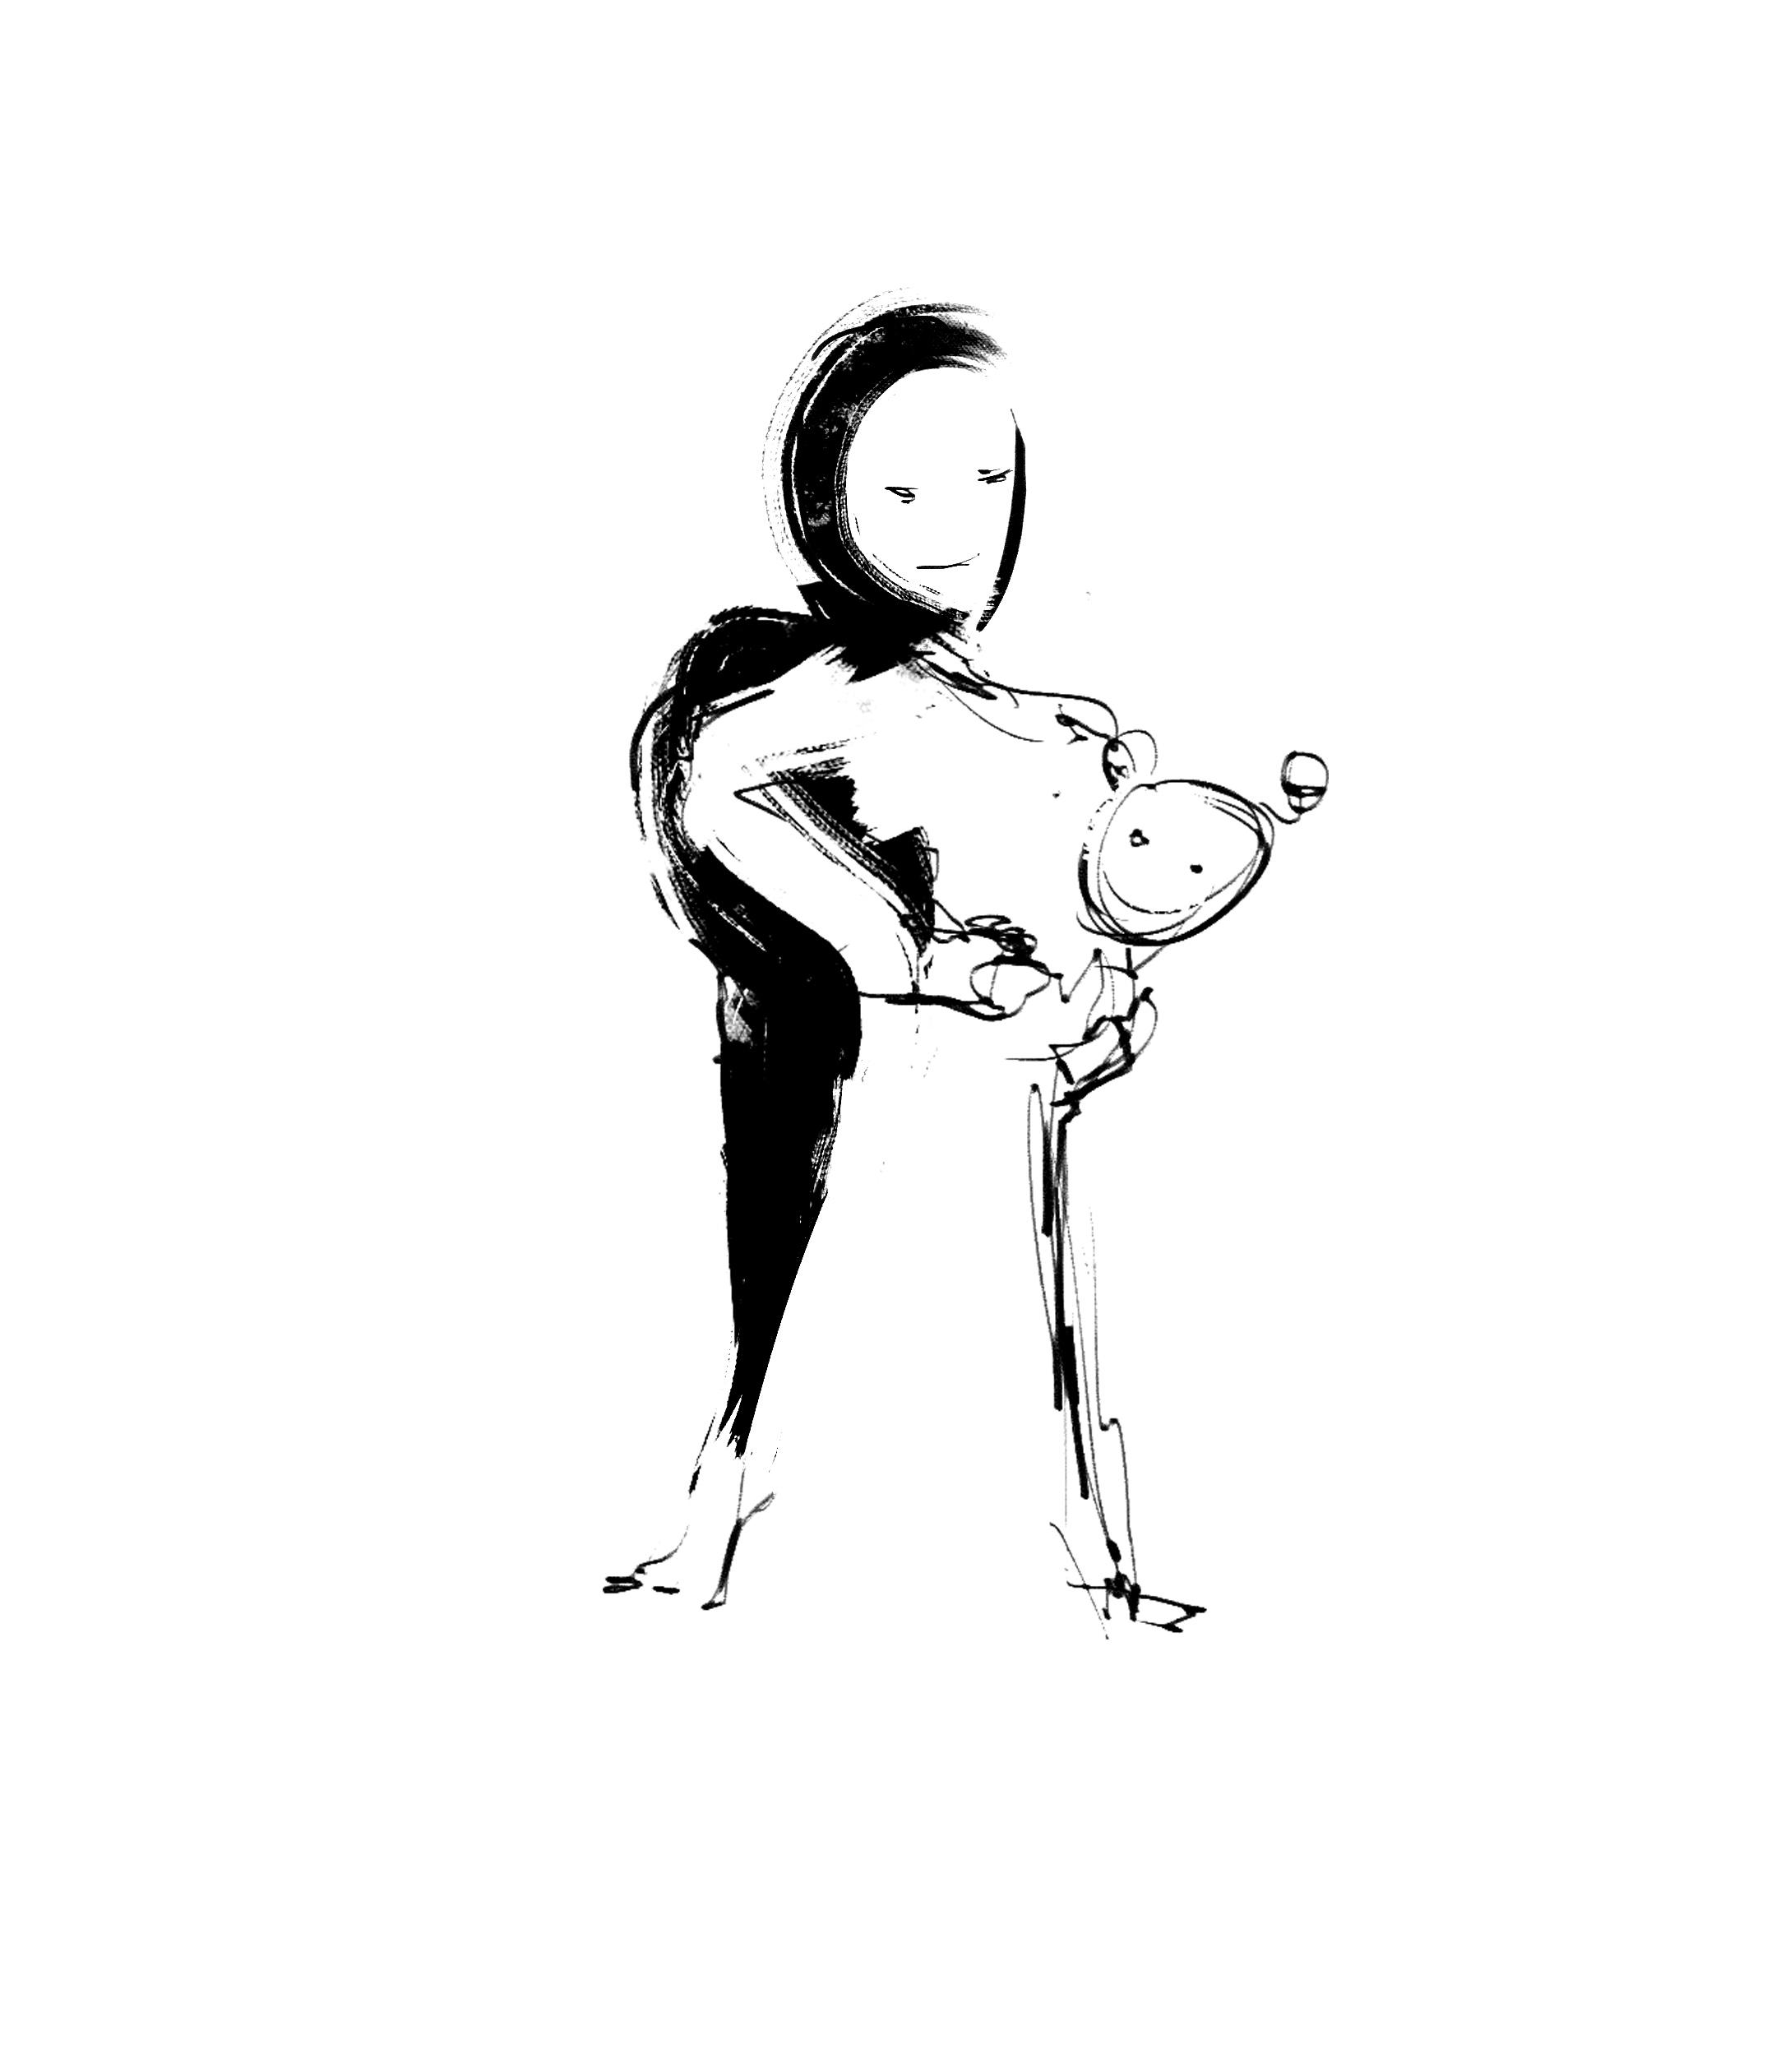 terapia dzieci nowarozm